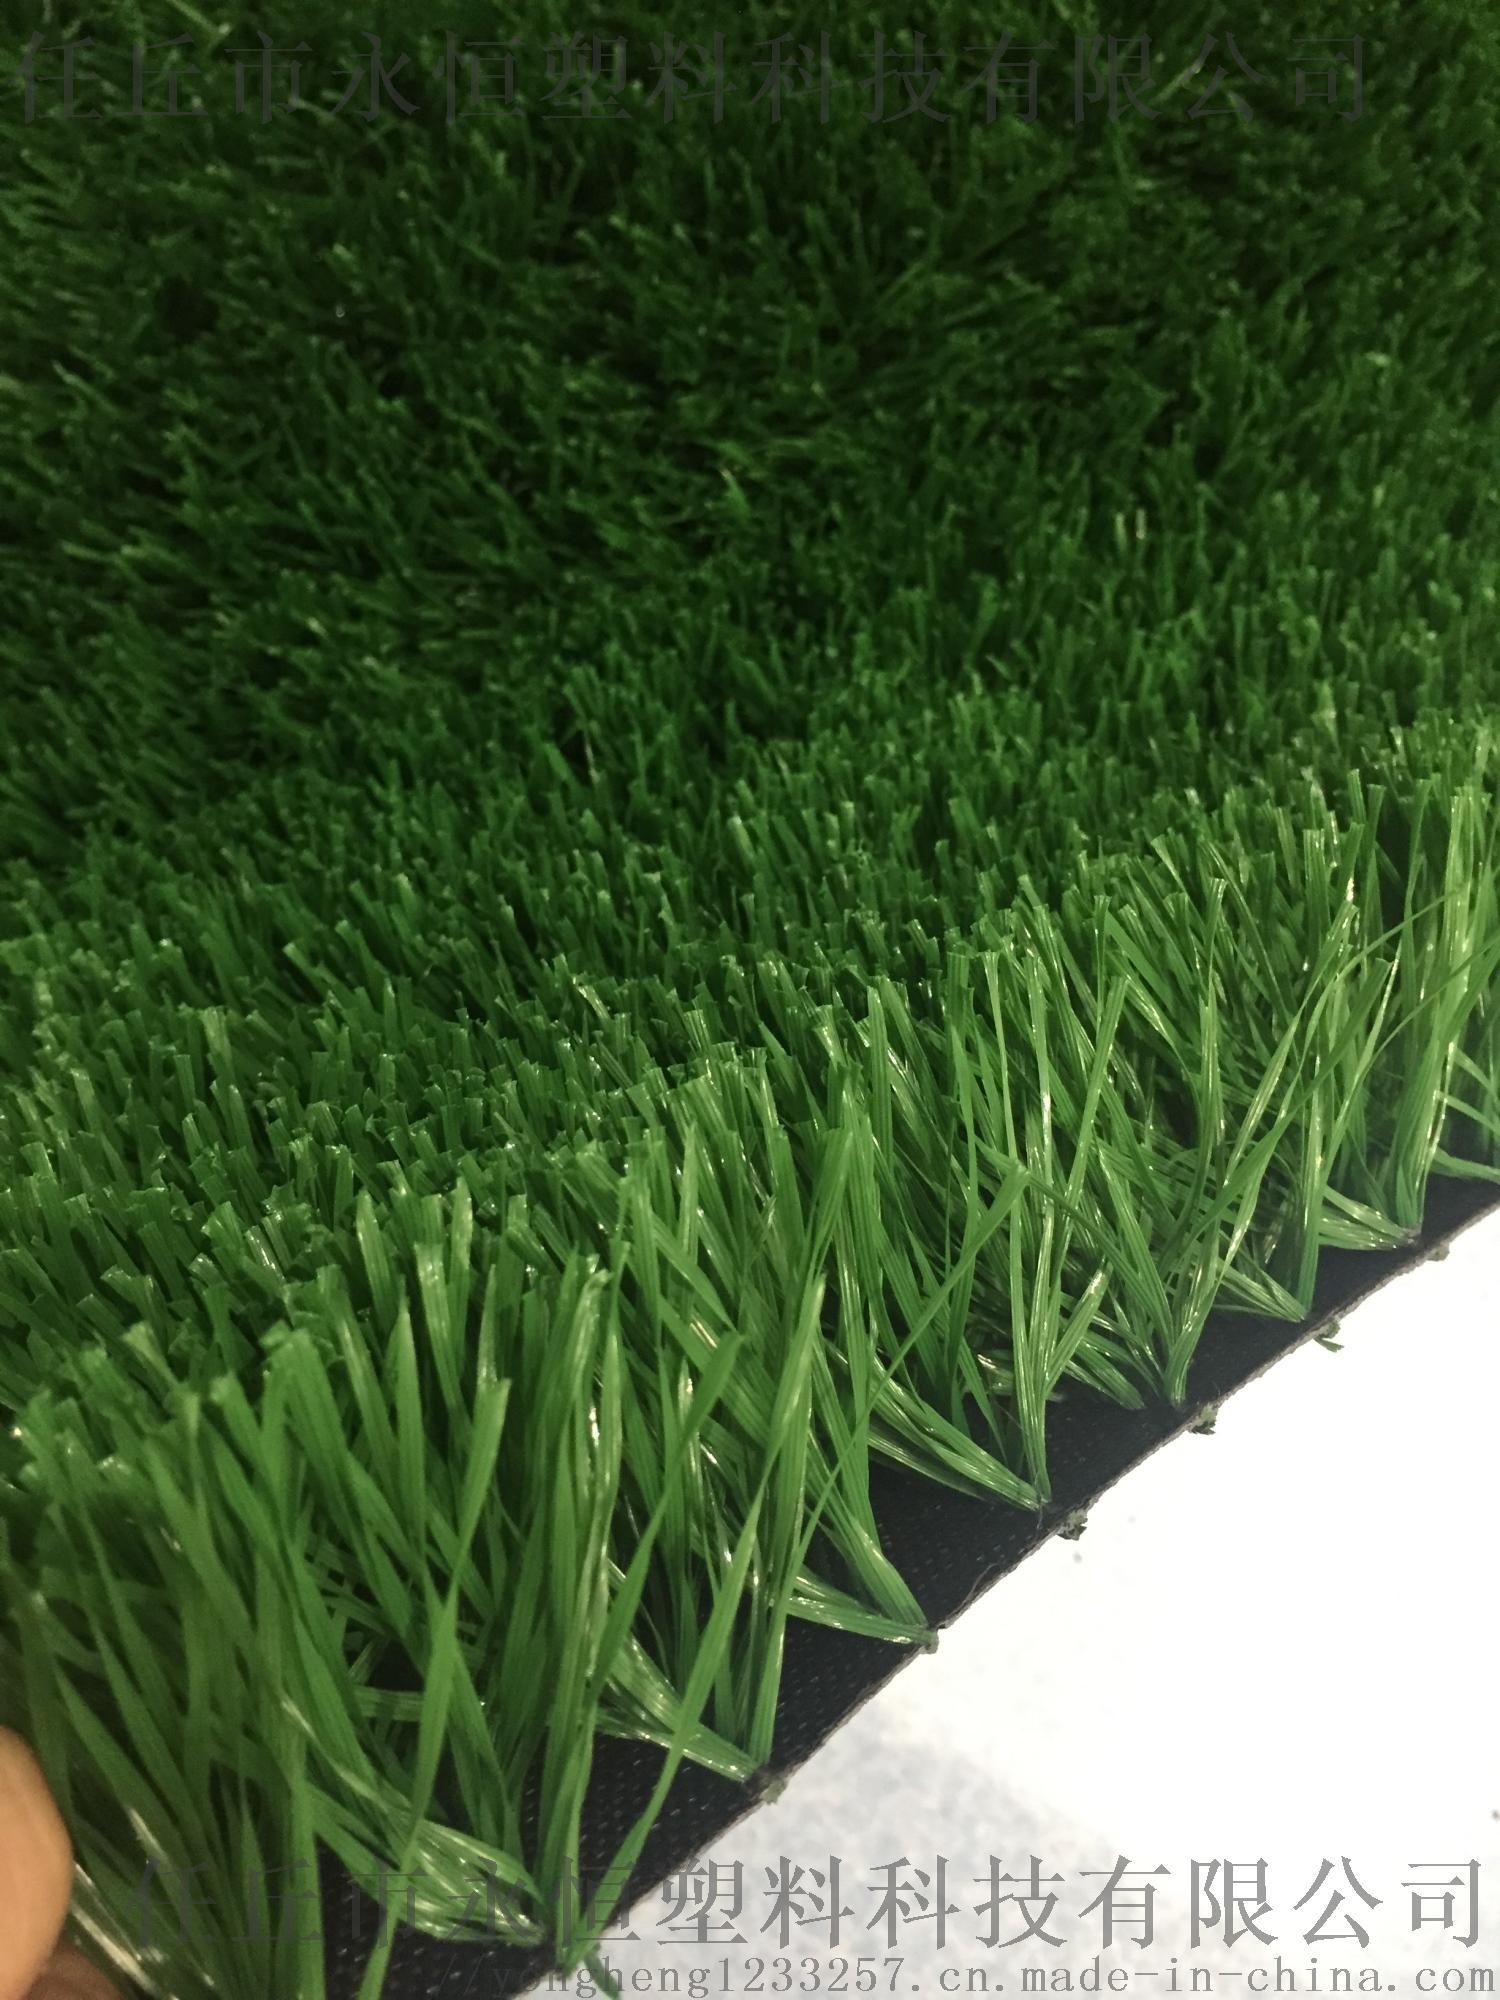 河北人造草坪厂家 塑料草坪厂家直销 仿真草皮763713952